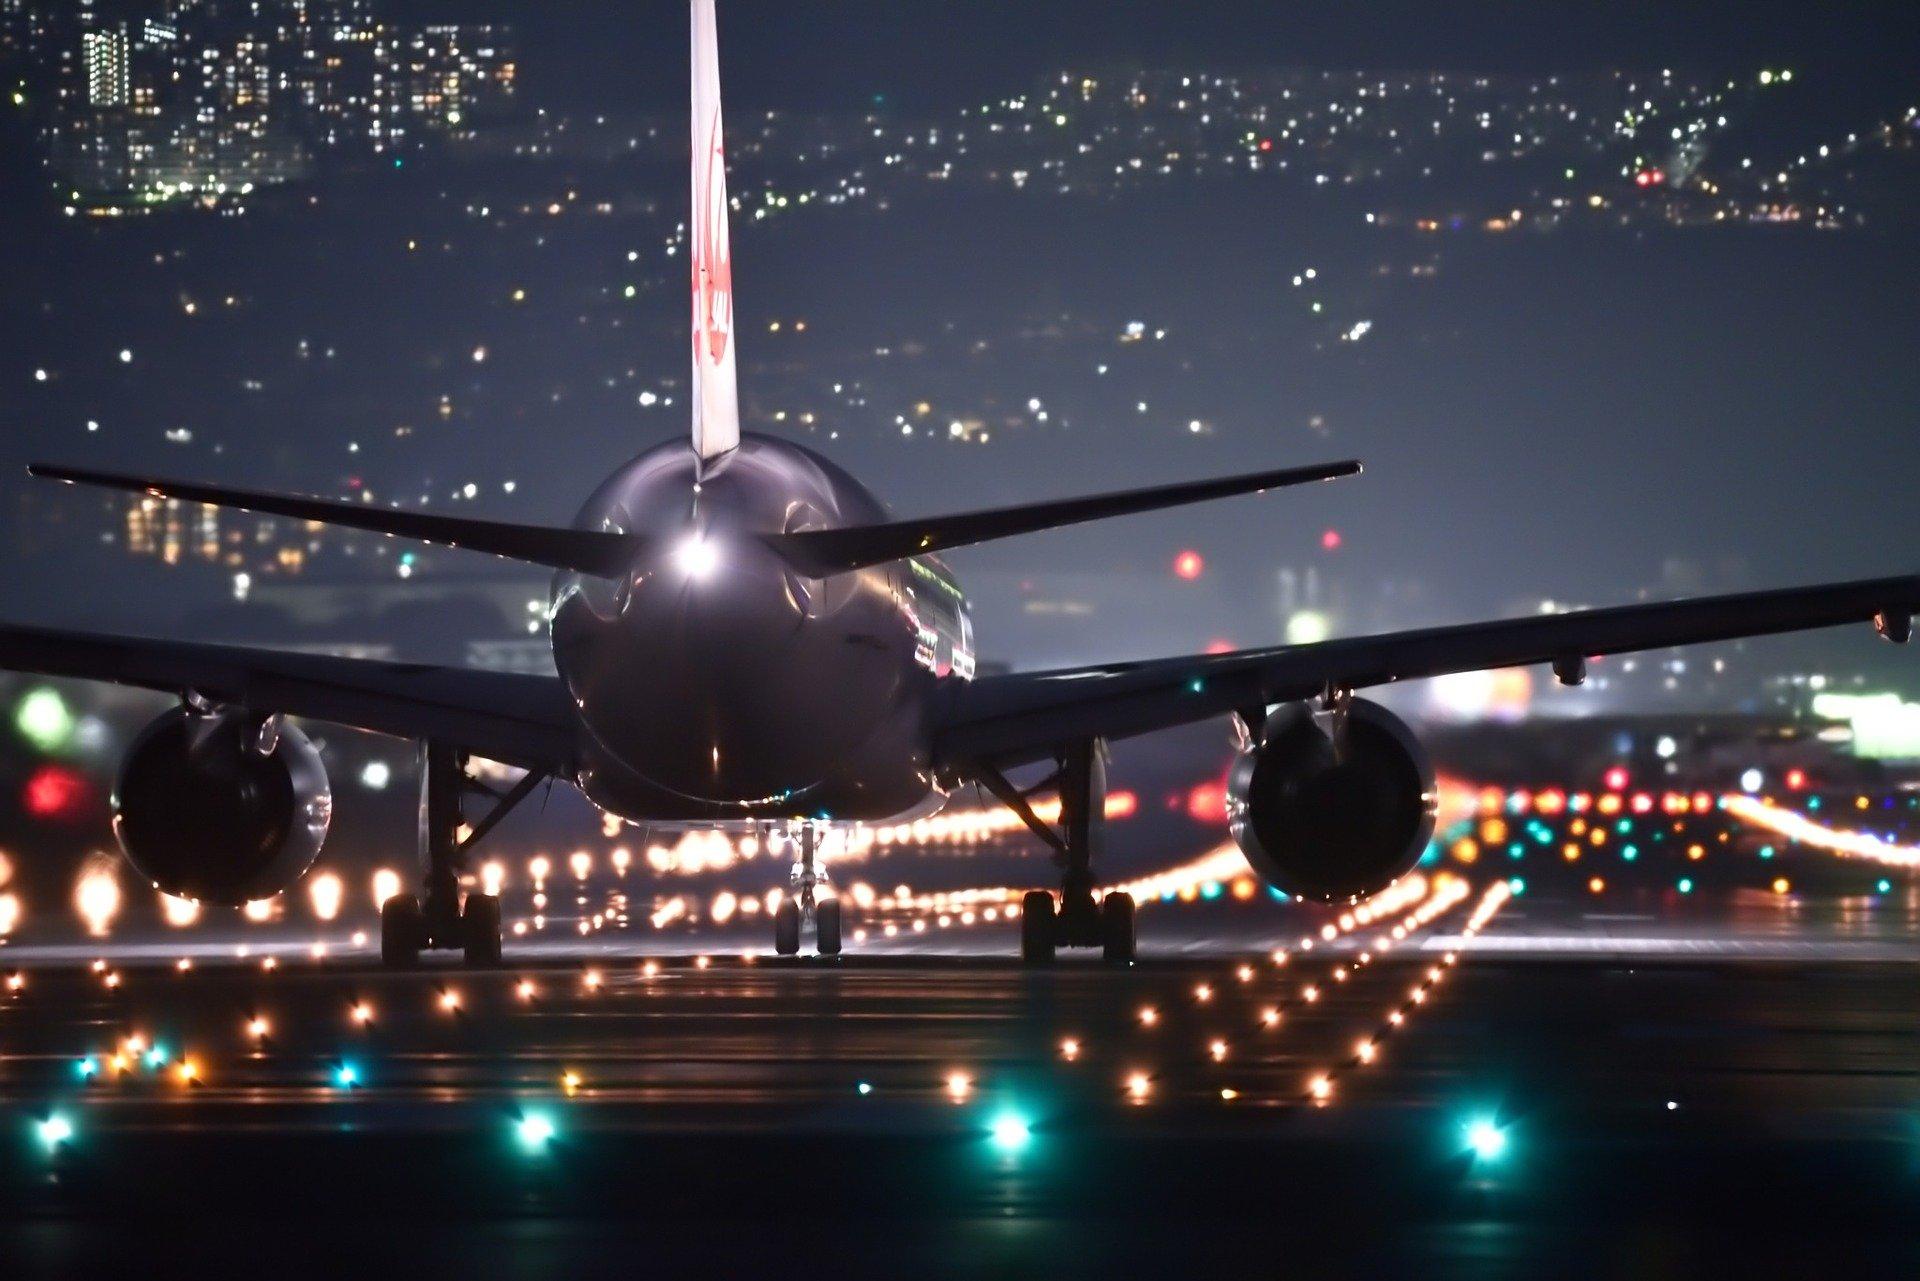 (Juntos, os terminais movimentam 2,4 milhões de passageiros por ano. Foto: Reprodução/Pixabay )